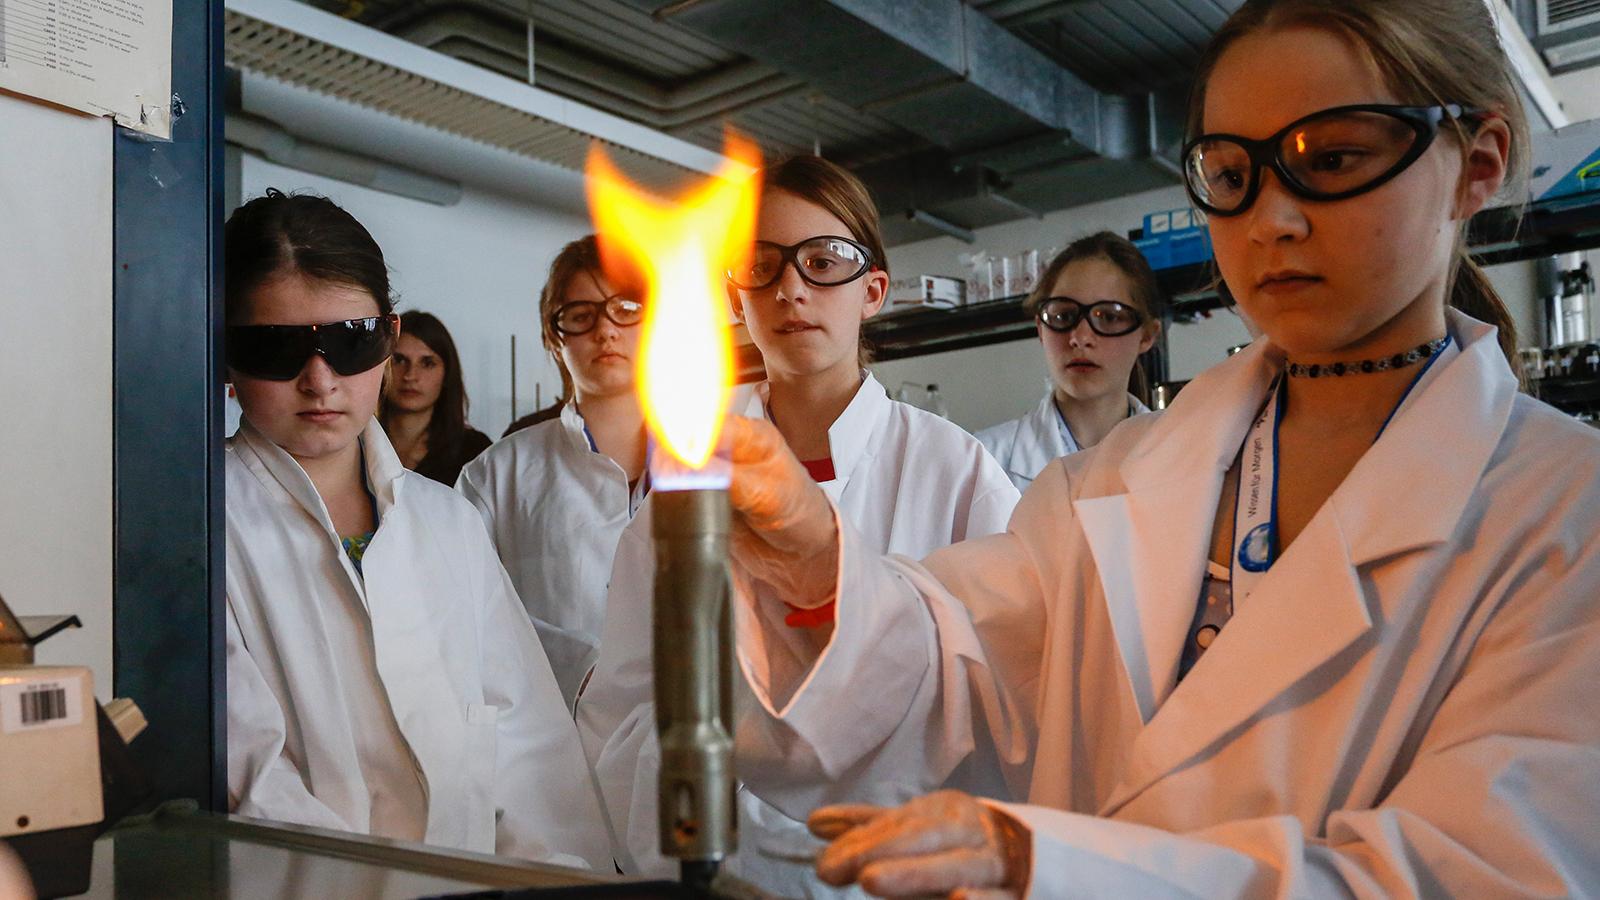 Wie heiß ist eine Flamme und wie kann man sogar die Temperatur im Inneren einer Flamme messen? Das ist eine von vielen Fragen aus der Verbrennungsforschung – einem der vielen Themen des DLR_School_Labs in Lampoldshausen. Die Forschungsarbeiten, die hier in Form von Mitmach-Experimenten altersgerecht vermittelt werden, finden sowohl bei Raketenantrieben wie auch in der umweltfreundlichen Energieversorgung Anwendung. Bild: DLR